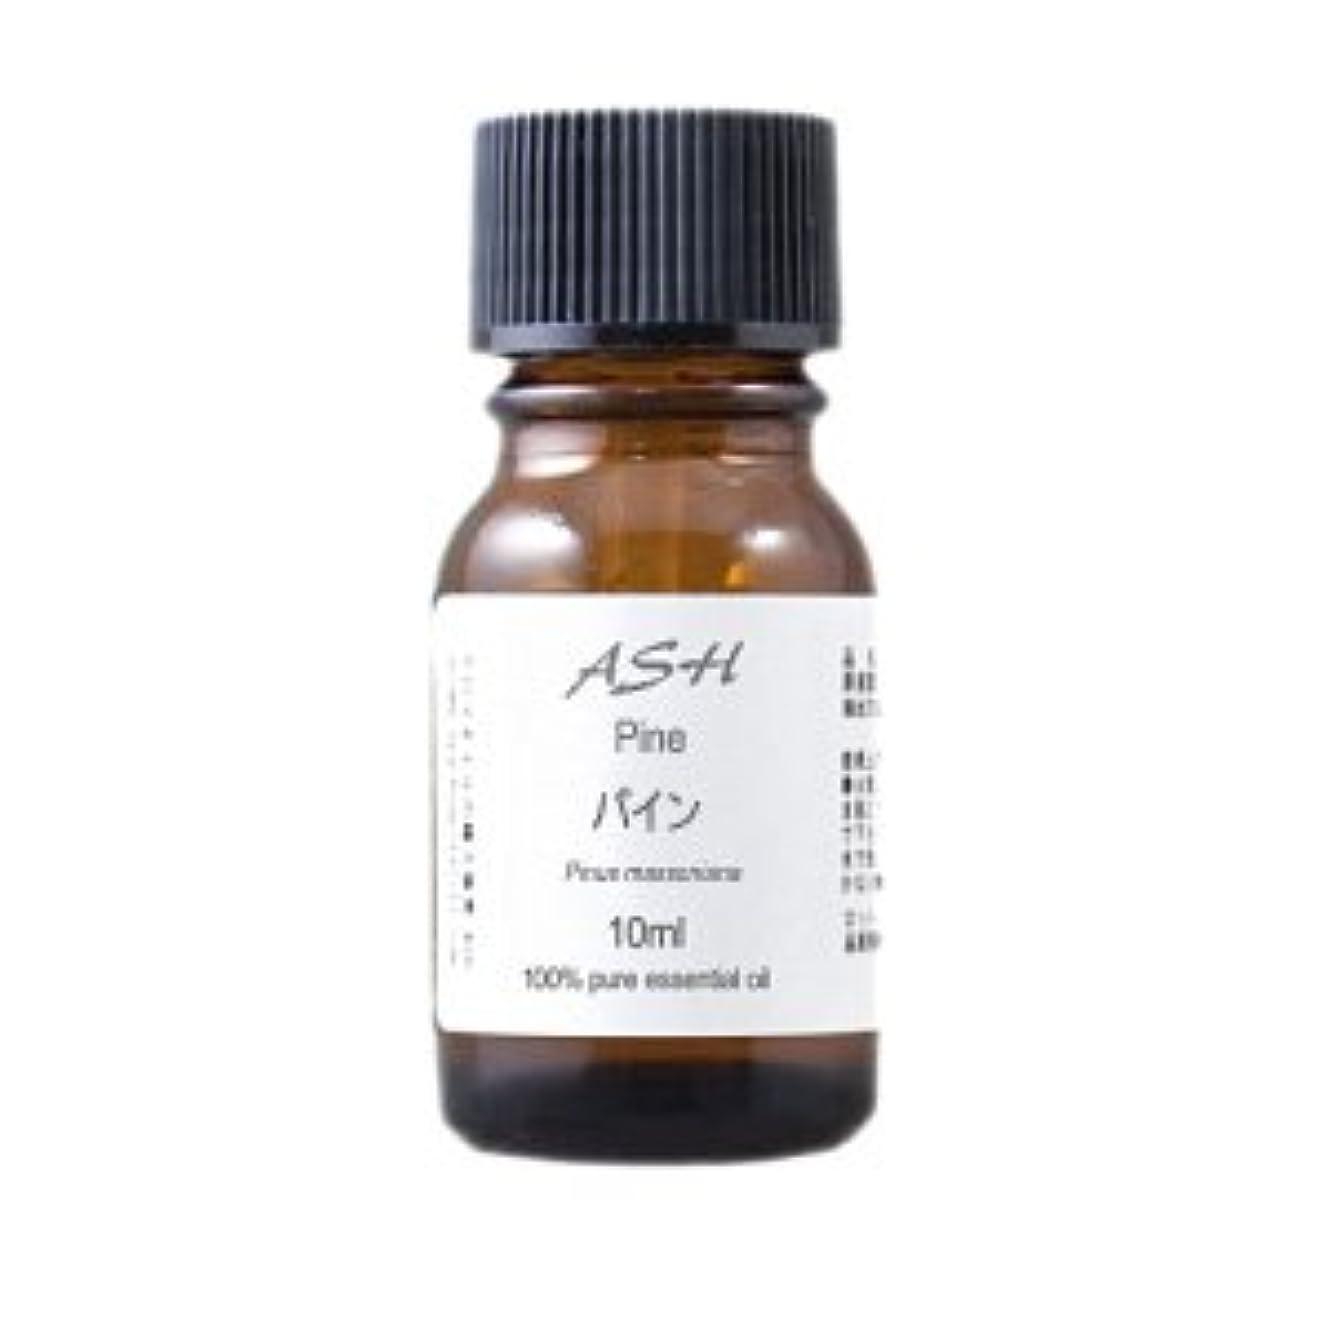 読書ハンサム近くASH パイン (松) エッセンシャルオイル 10ml AEAJ表示基準適合認定精油